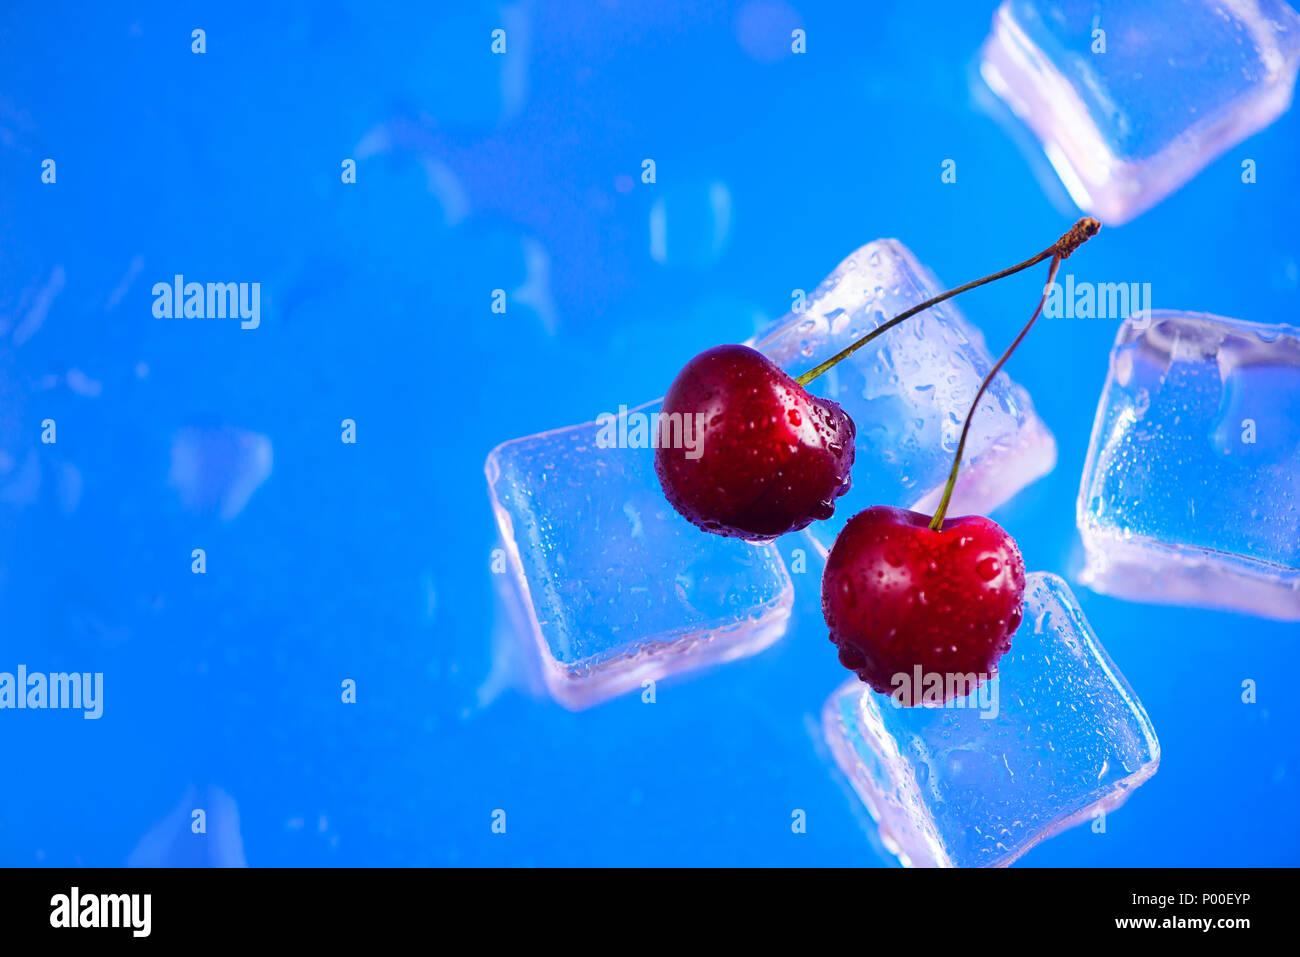 Las cerezas frescas sobre una pila de cubos de hielo de cerca en un fondo azul brillante. Concepto de bebida refrescante de verano con espacio de copia Imagen De Stock